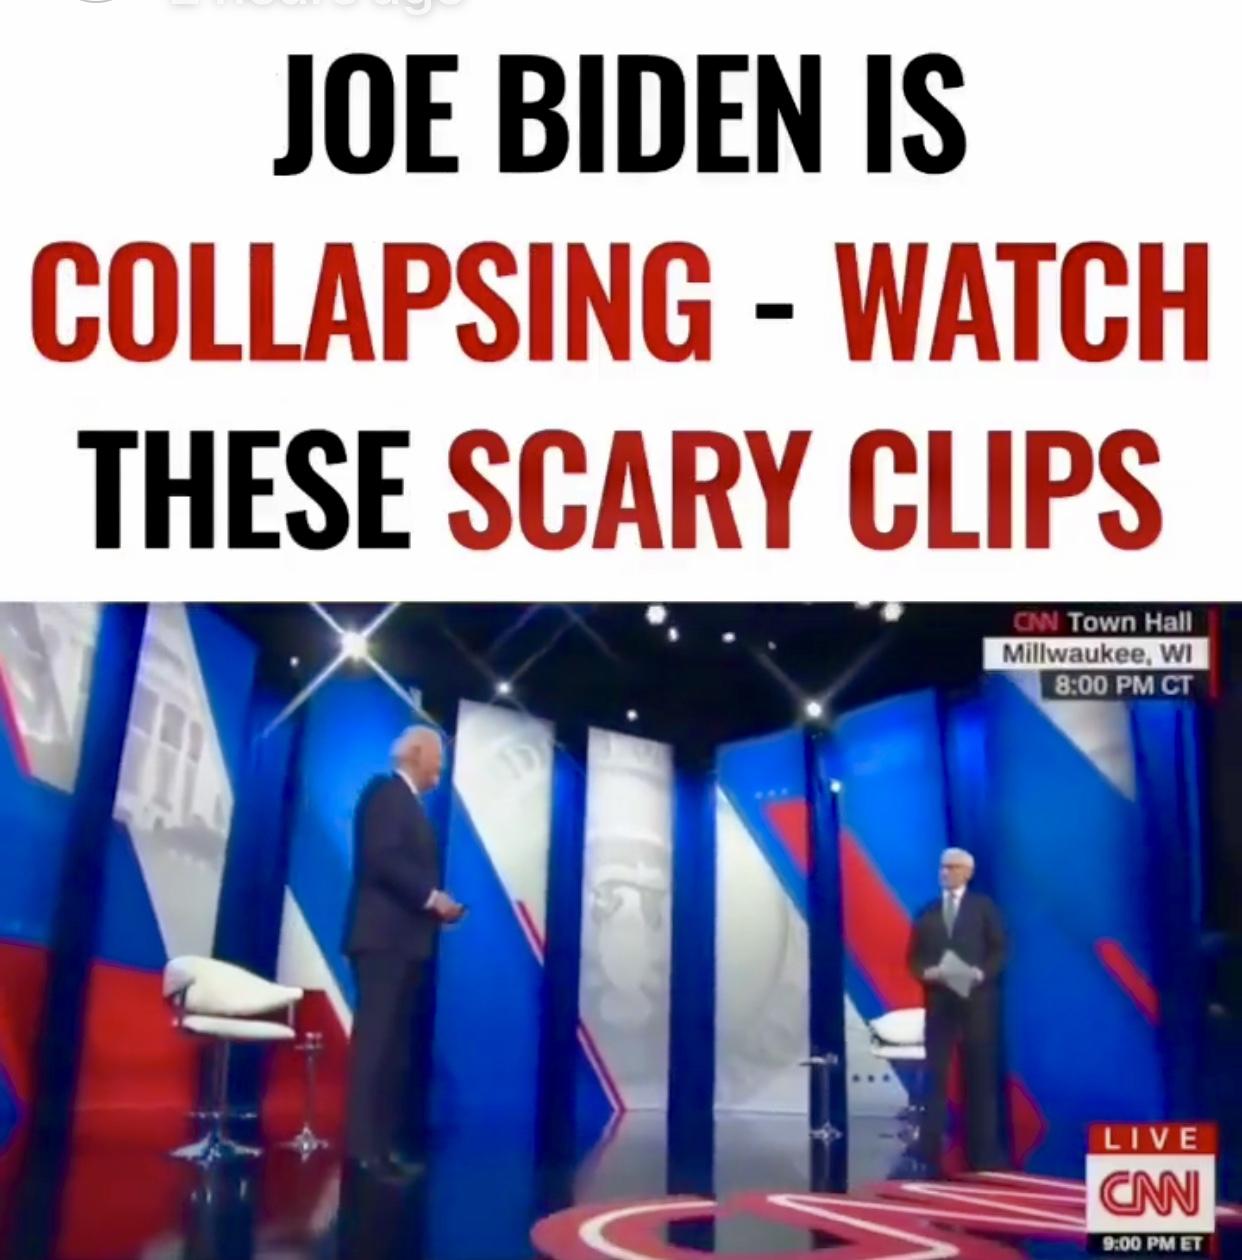 The Imposter Joe Biden Recent Disturbing Gaffes and Memes